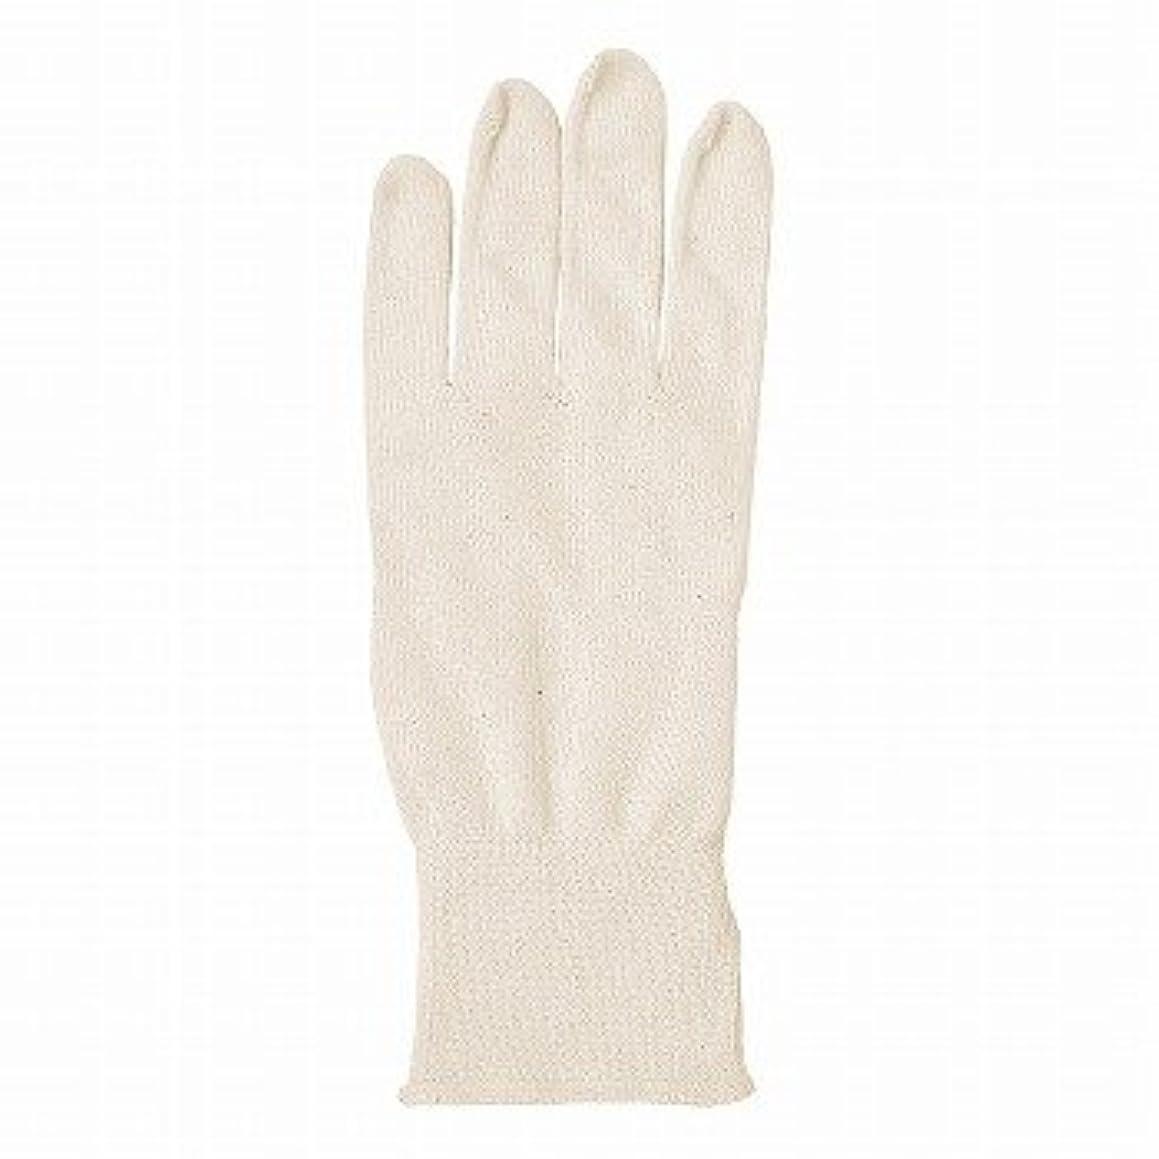 洪水存在する工場おたふく手袋/綿下ばき手袋 [400双入]/品番:G-571 サイズ:L